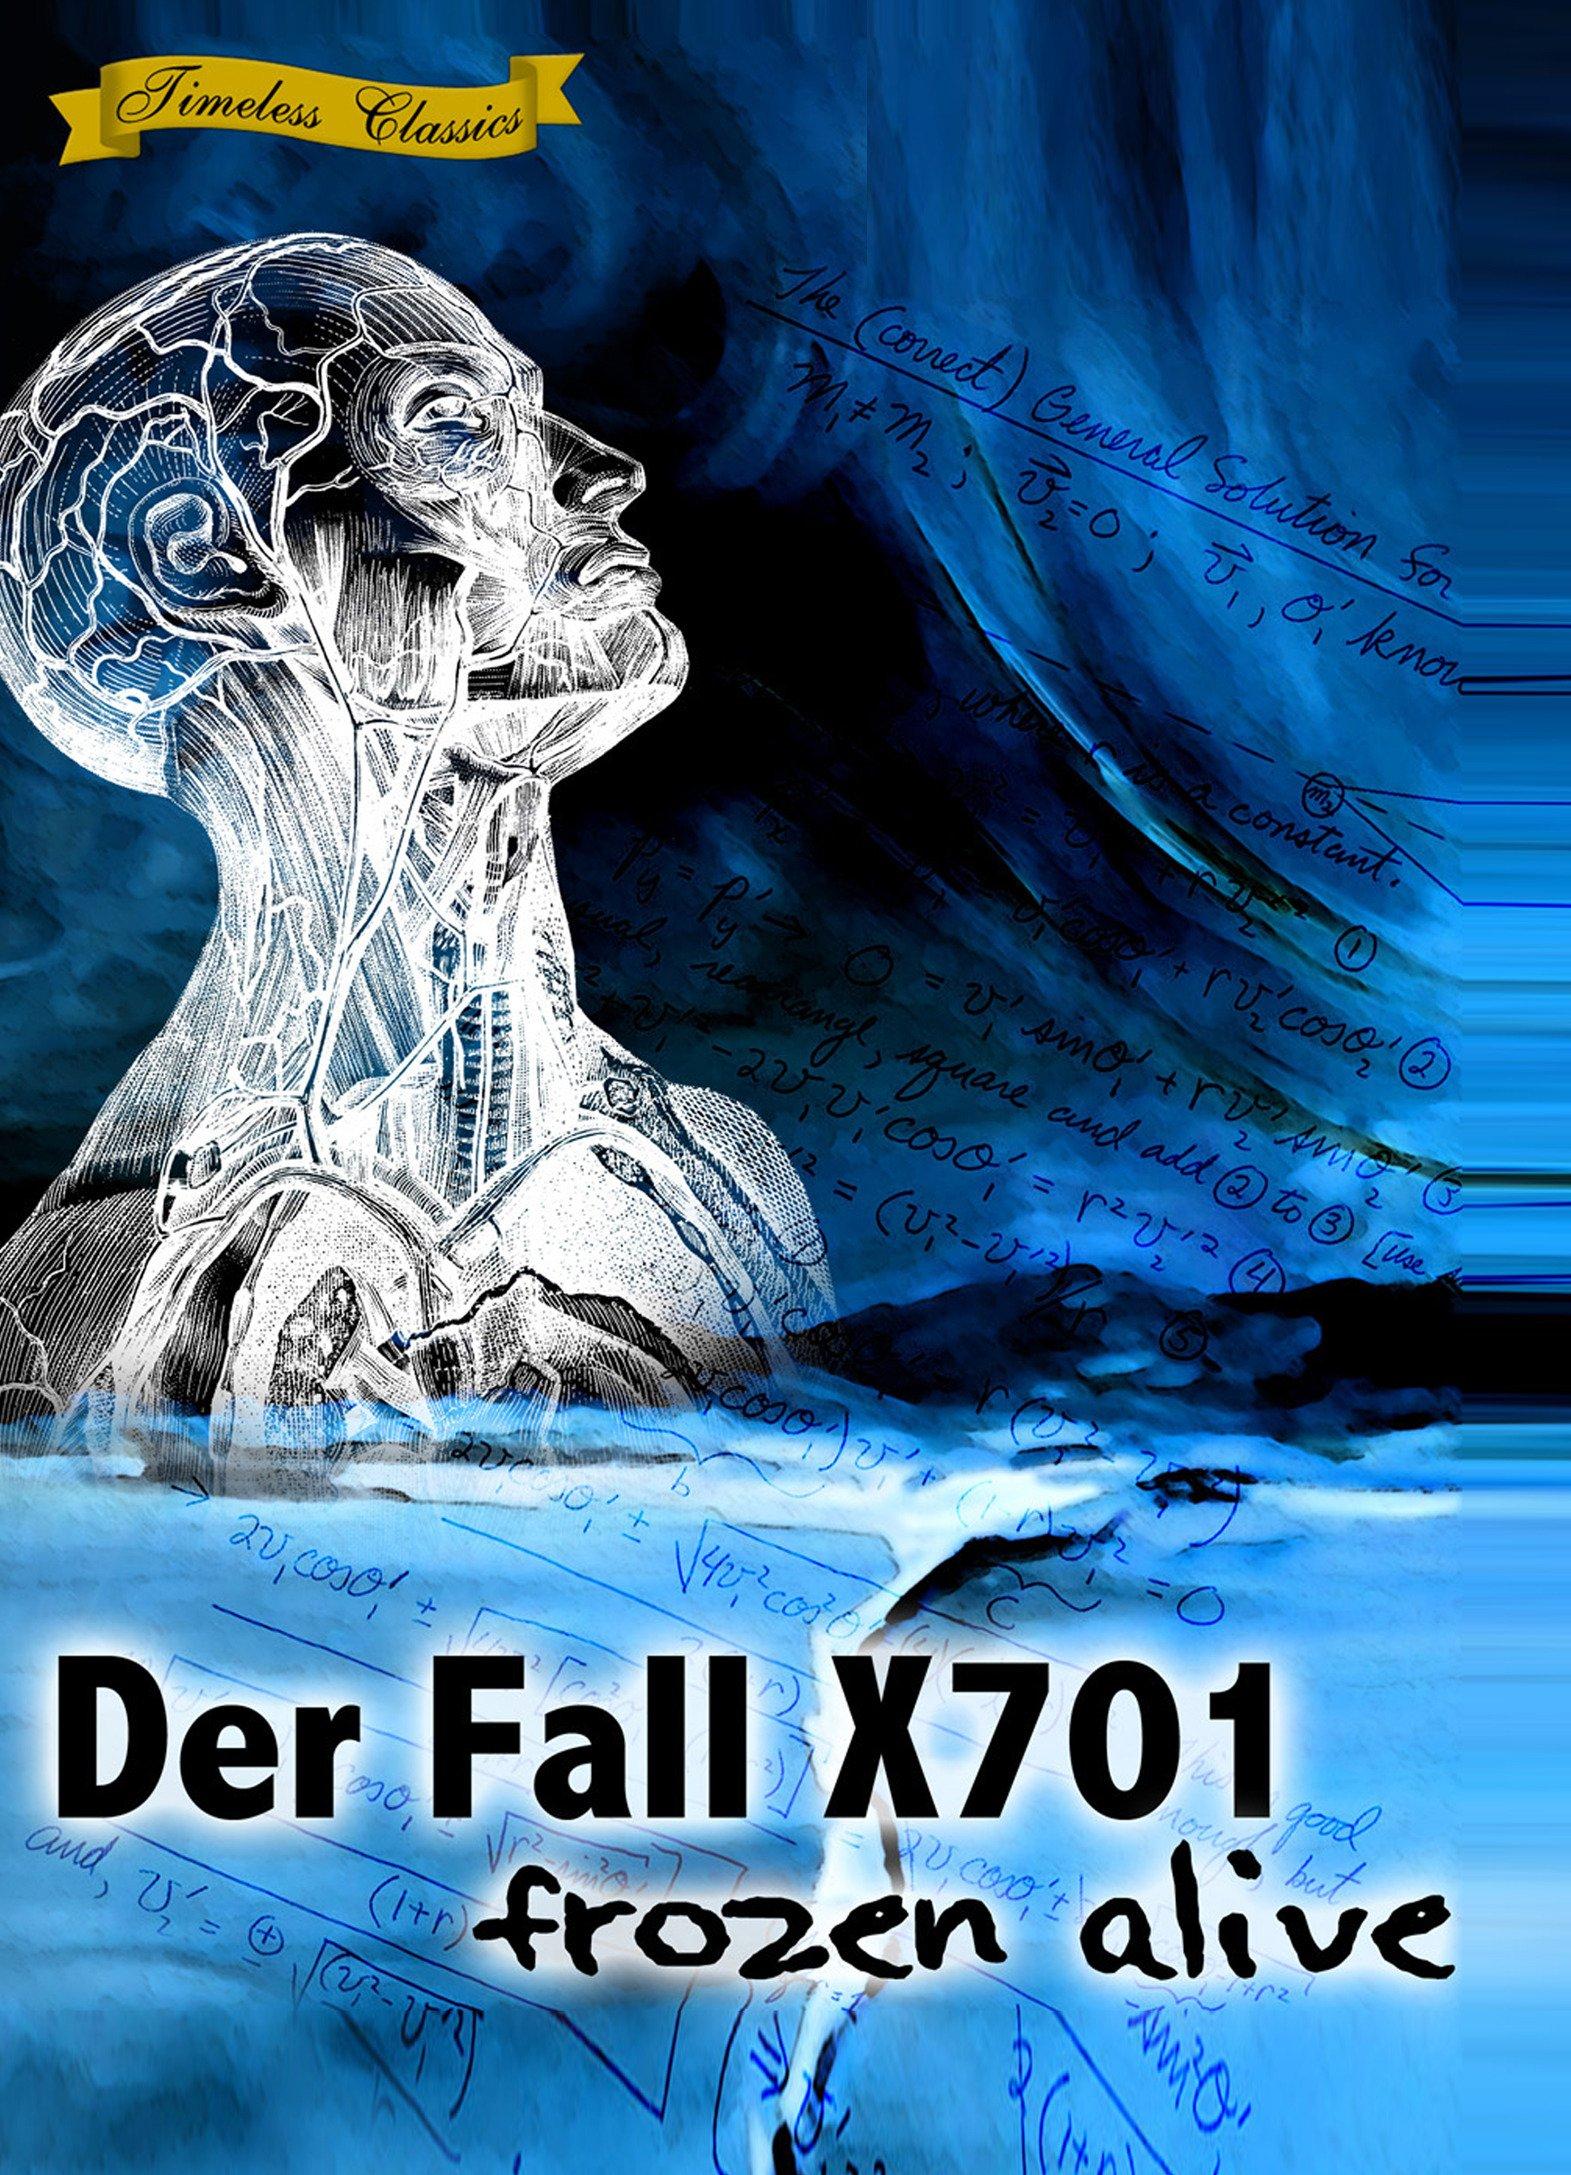 Der Fall X701 Frozen Alive (1964)